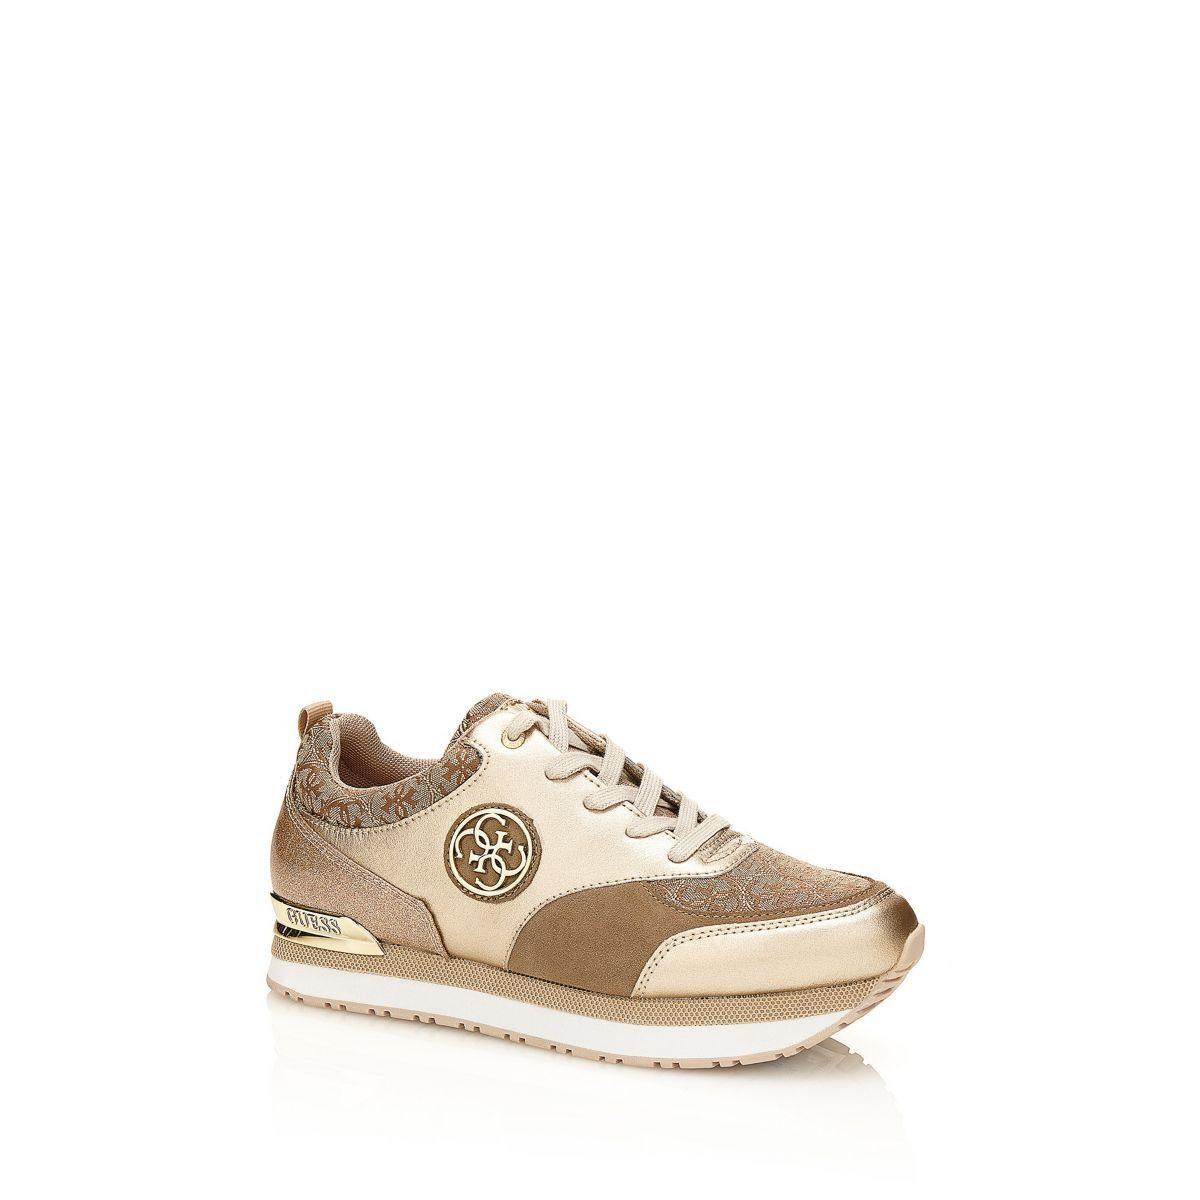 Guess Sneaker online kaufen  beige